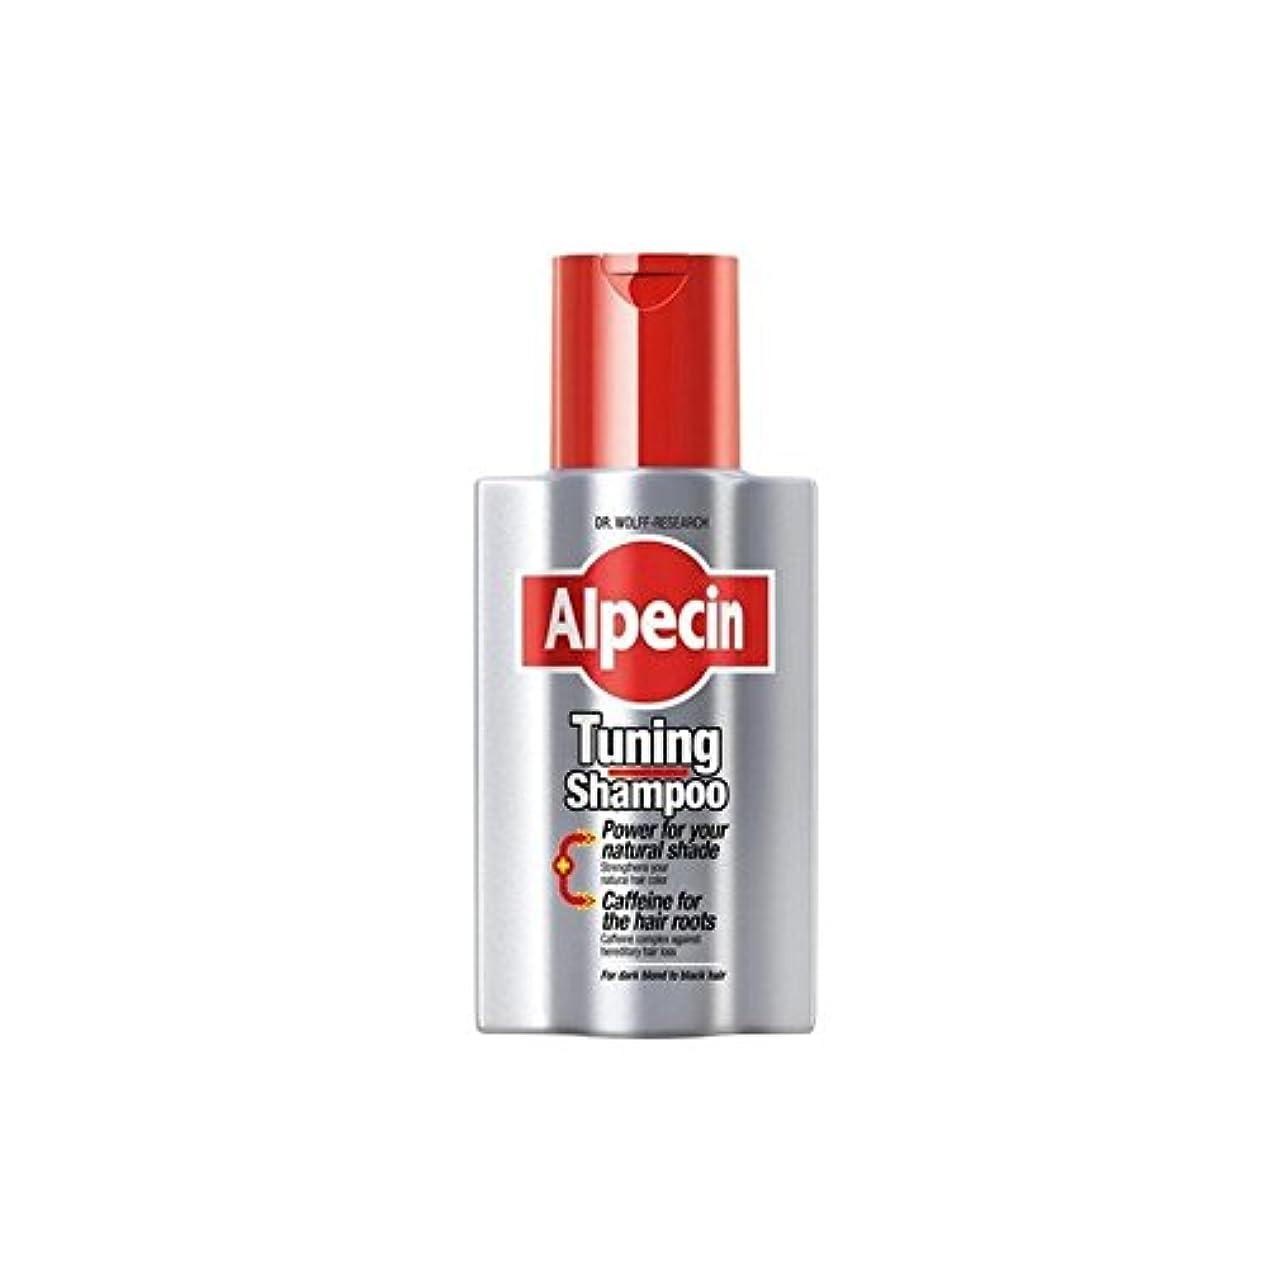 ペルーマトン厚いAlpecin Tuning Shampoo (200ml) - チューニングシャンプー(200ミリリットル) [並行輸入品]